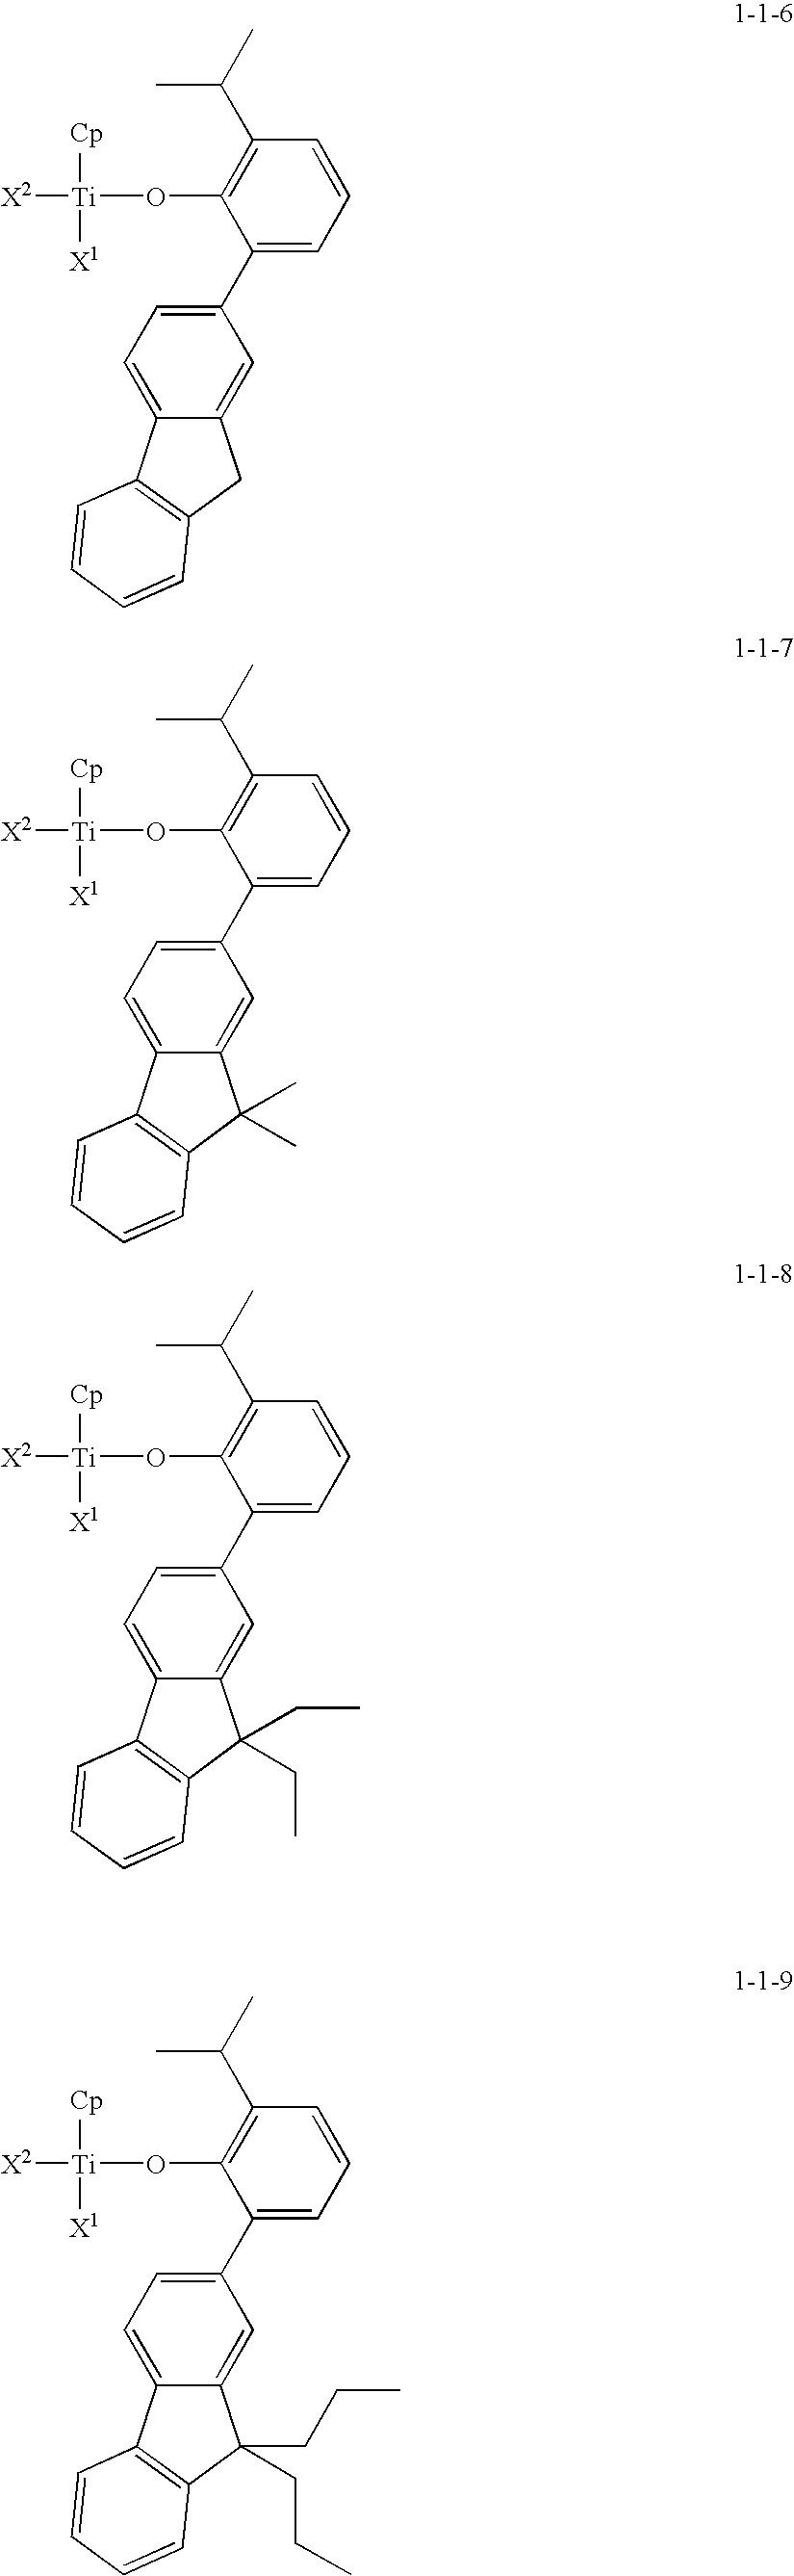 Figure US20100081776A1-20100401-C00027